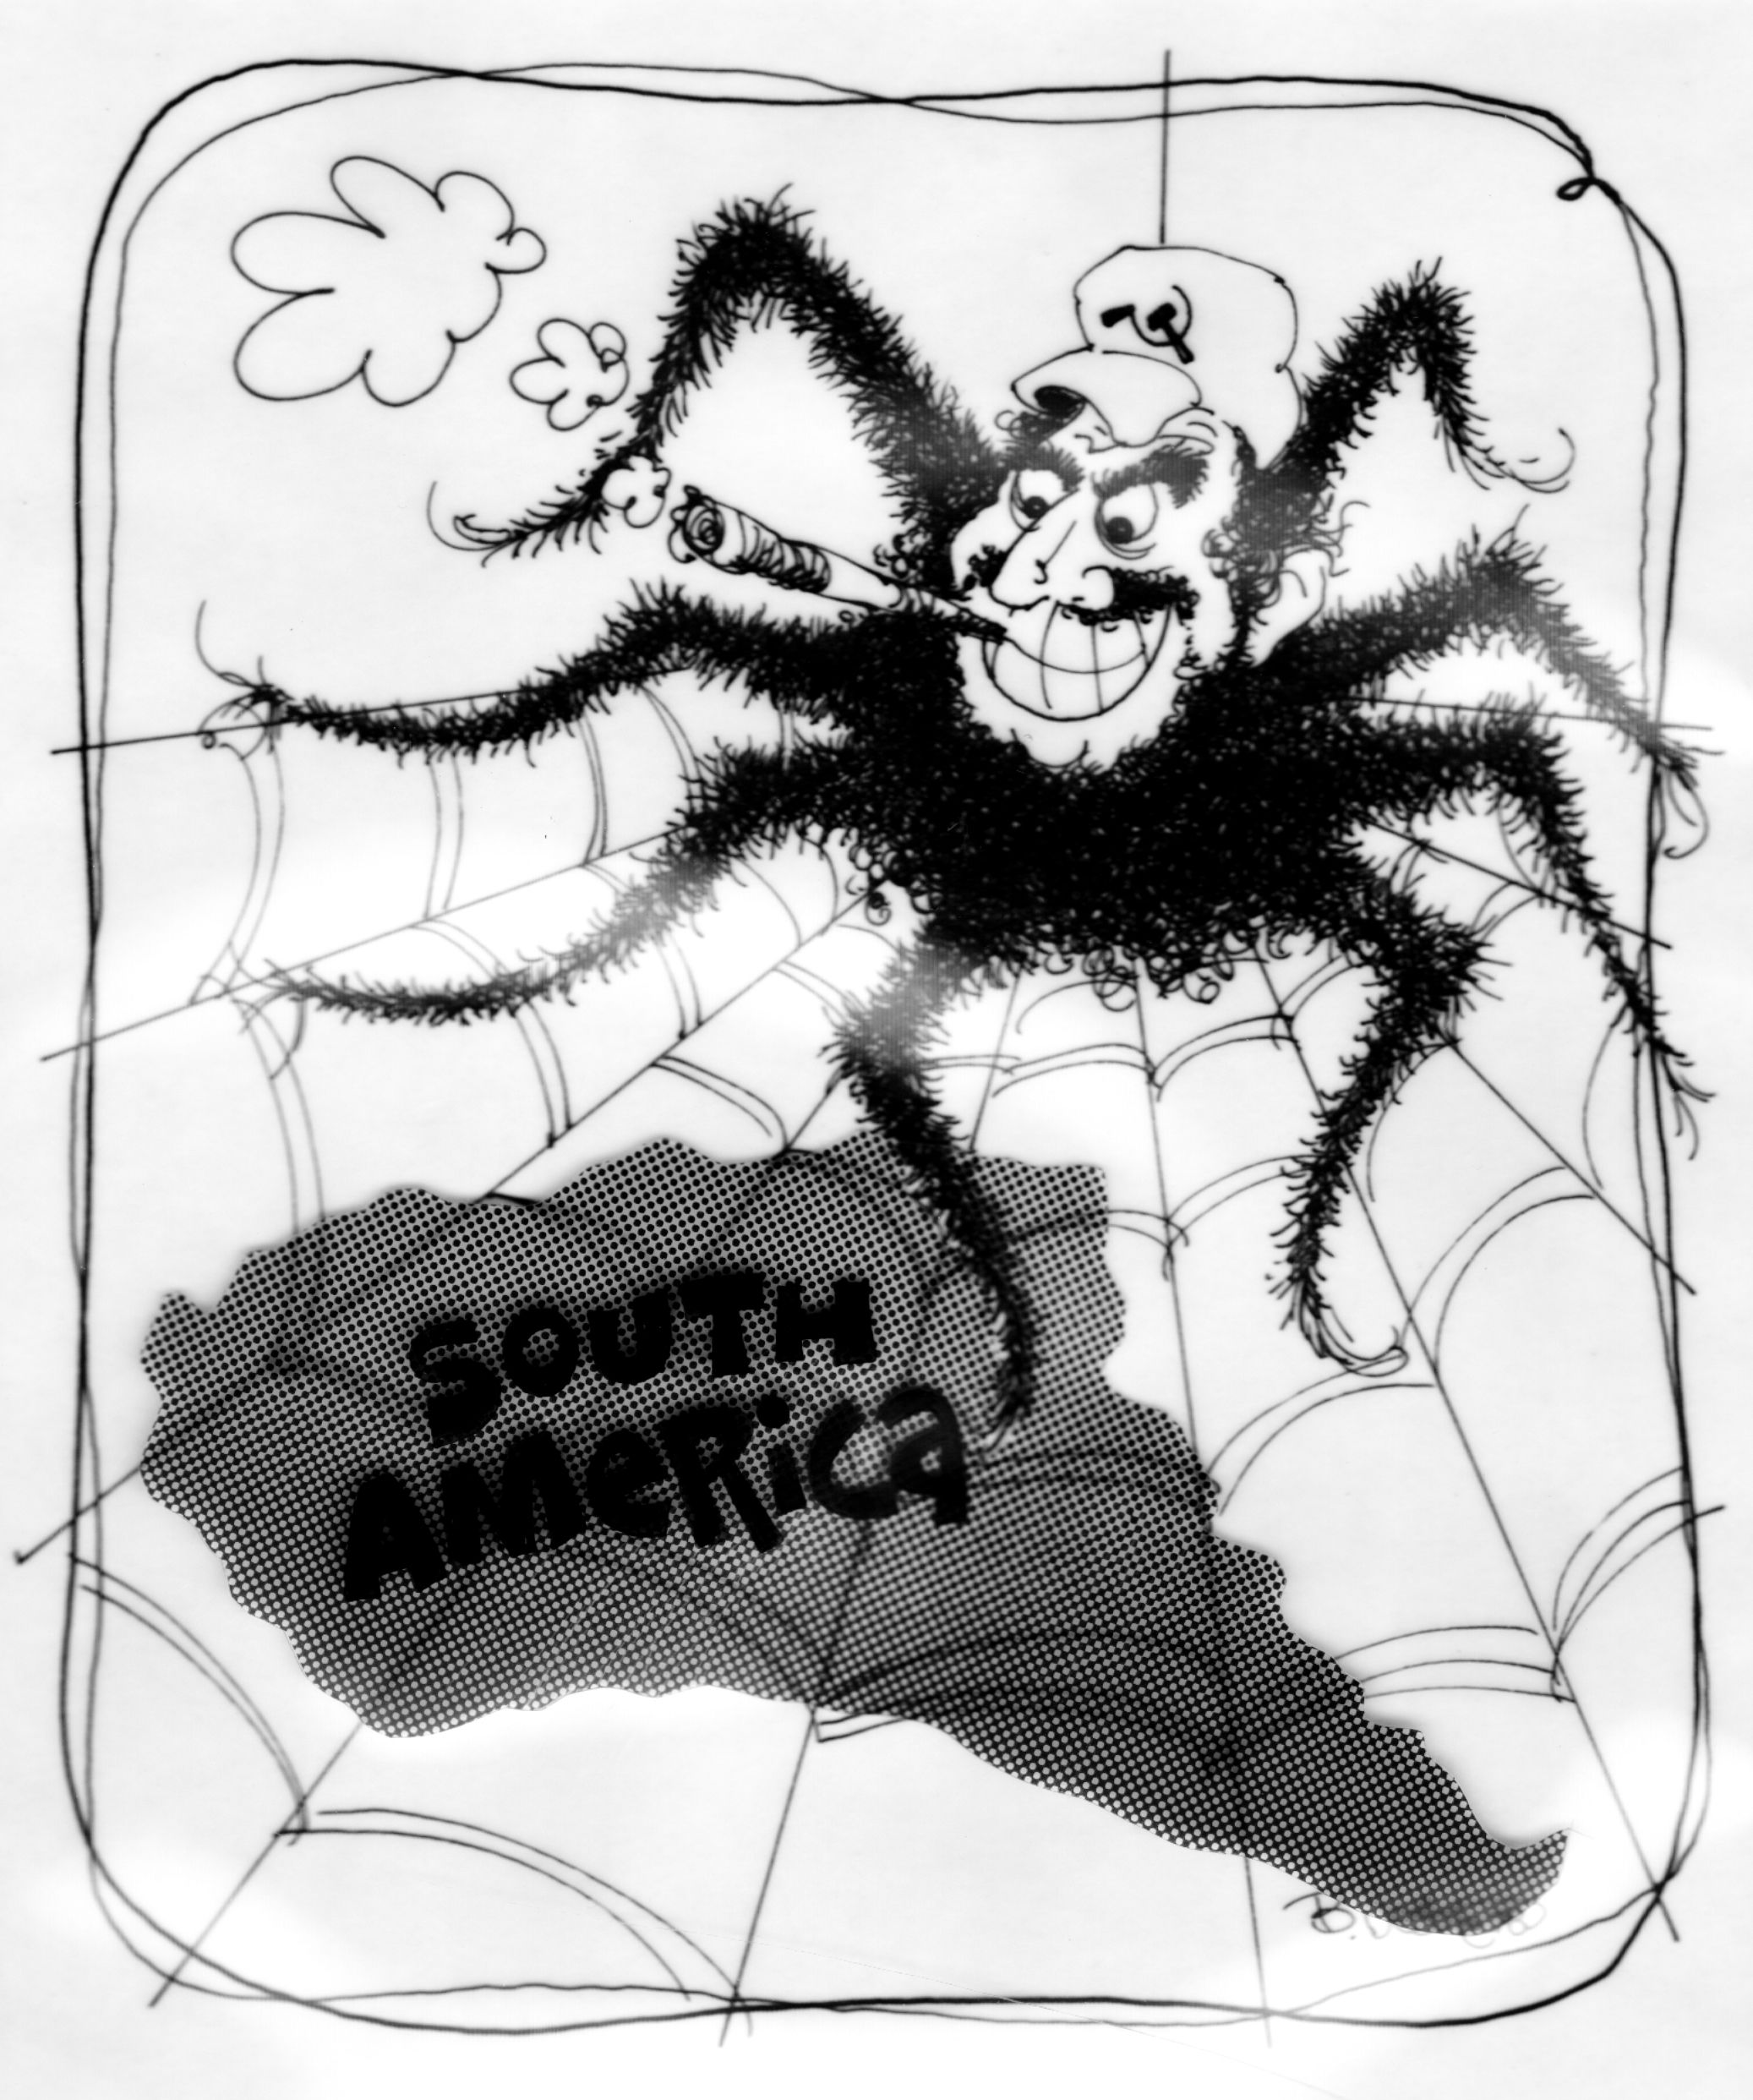 castro spider cartoon 1978 de soto designs political cartoons